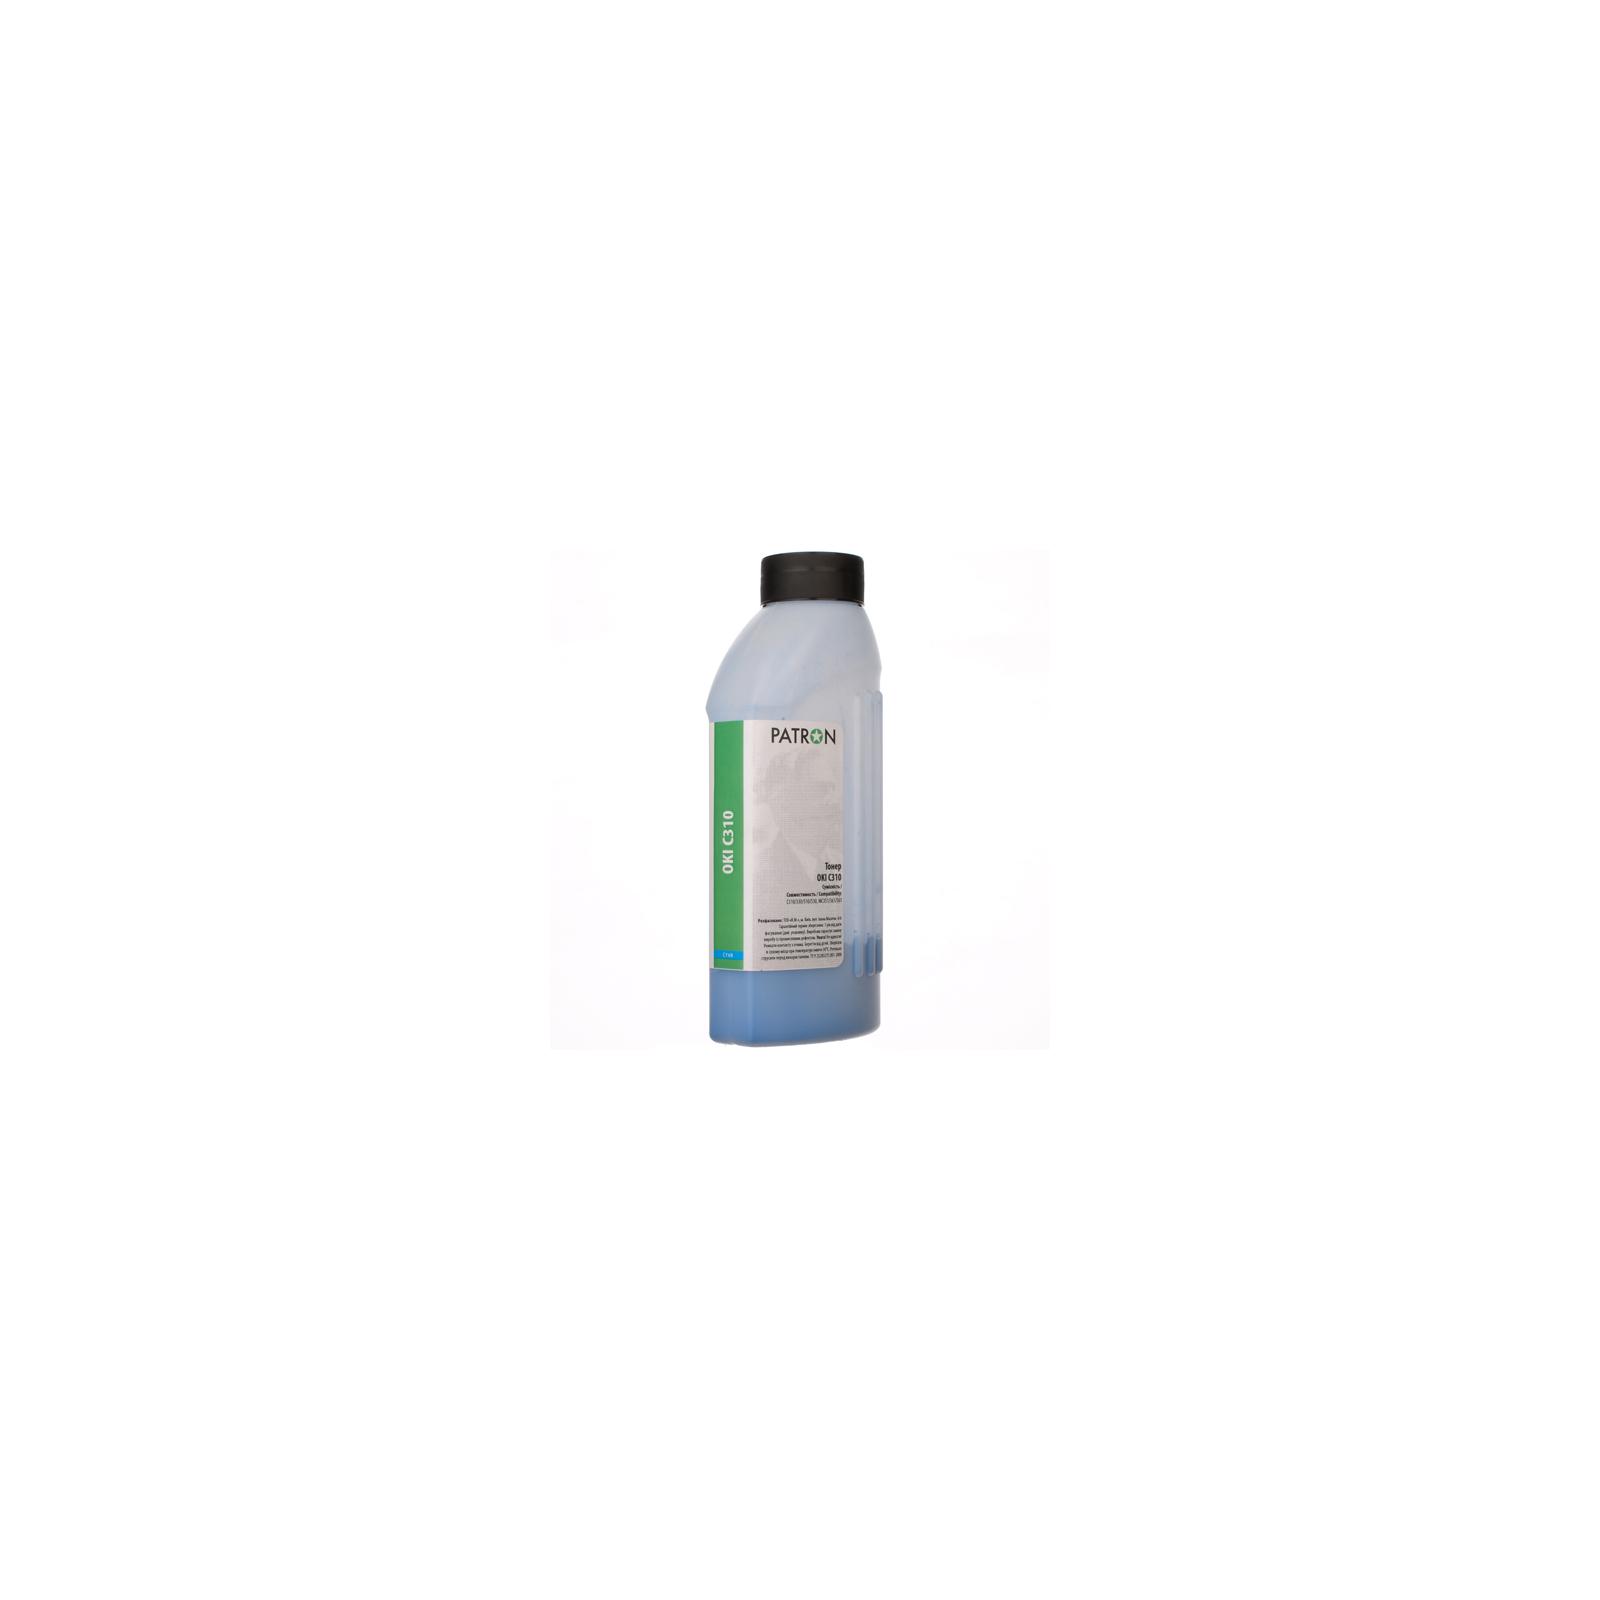 Тонер PATRON OKI C310 CYAN 50г (T-PN-OC310-C-050)